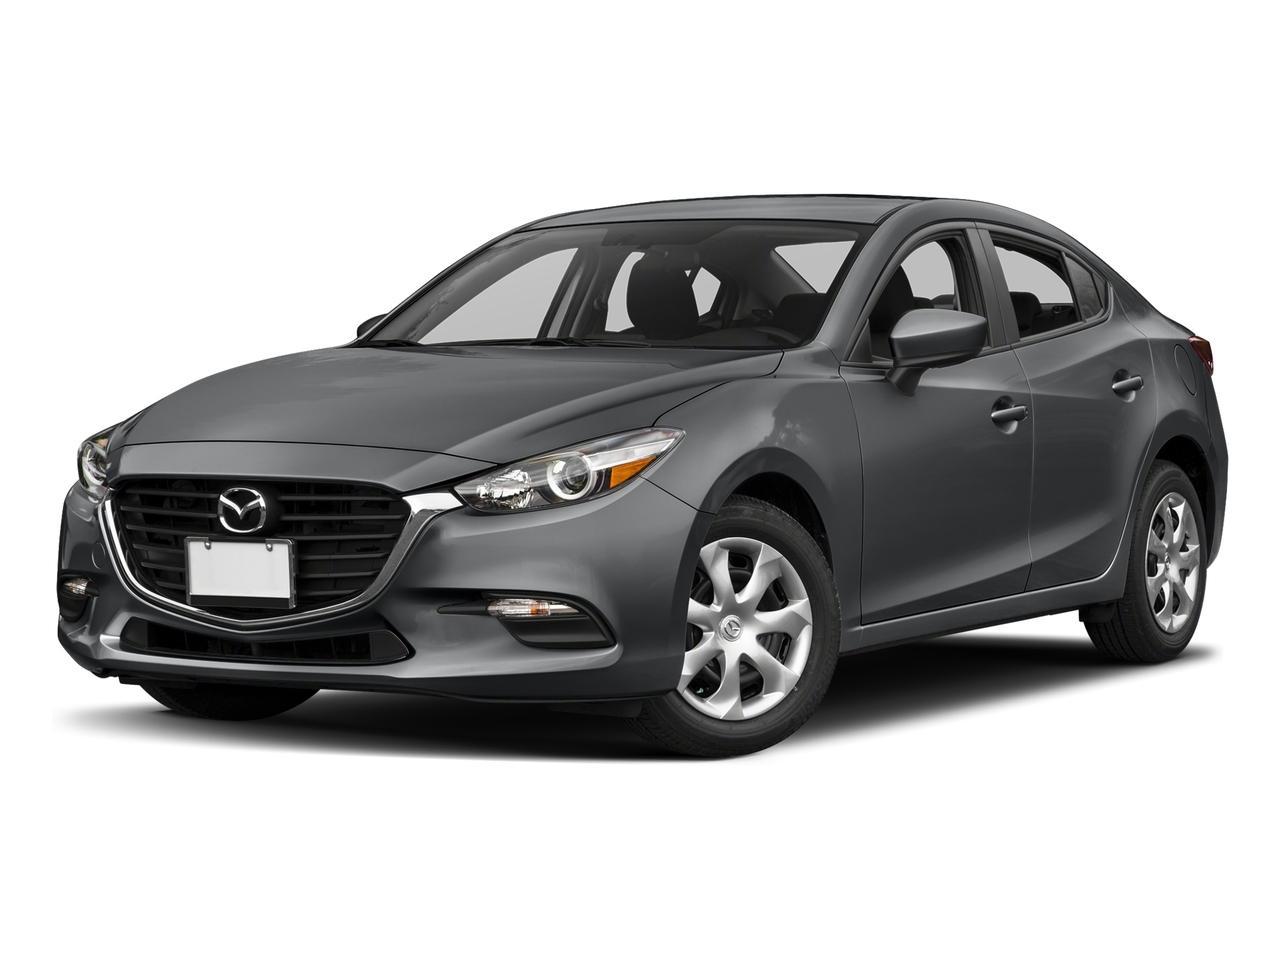 2017 Mazda Mazda3 4-Door Vehicle Photo in Joliet, IL 60435